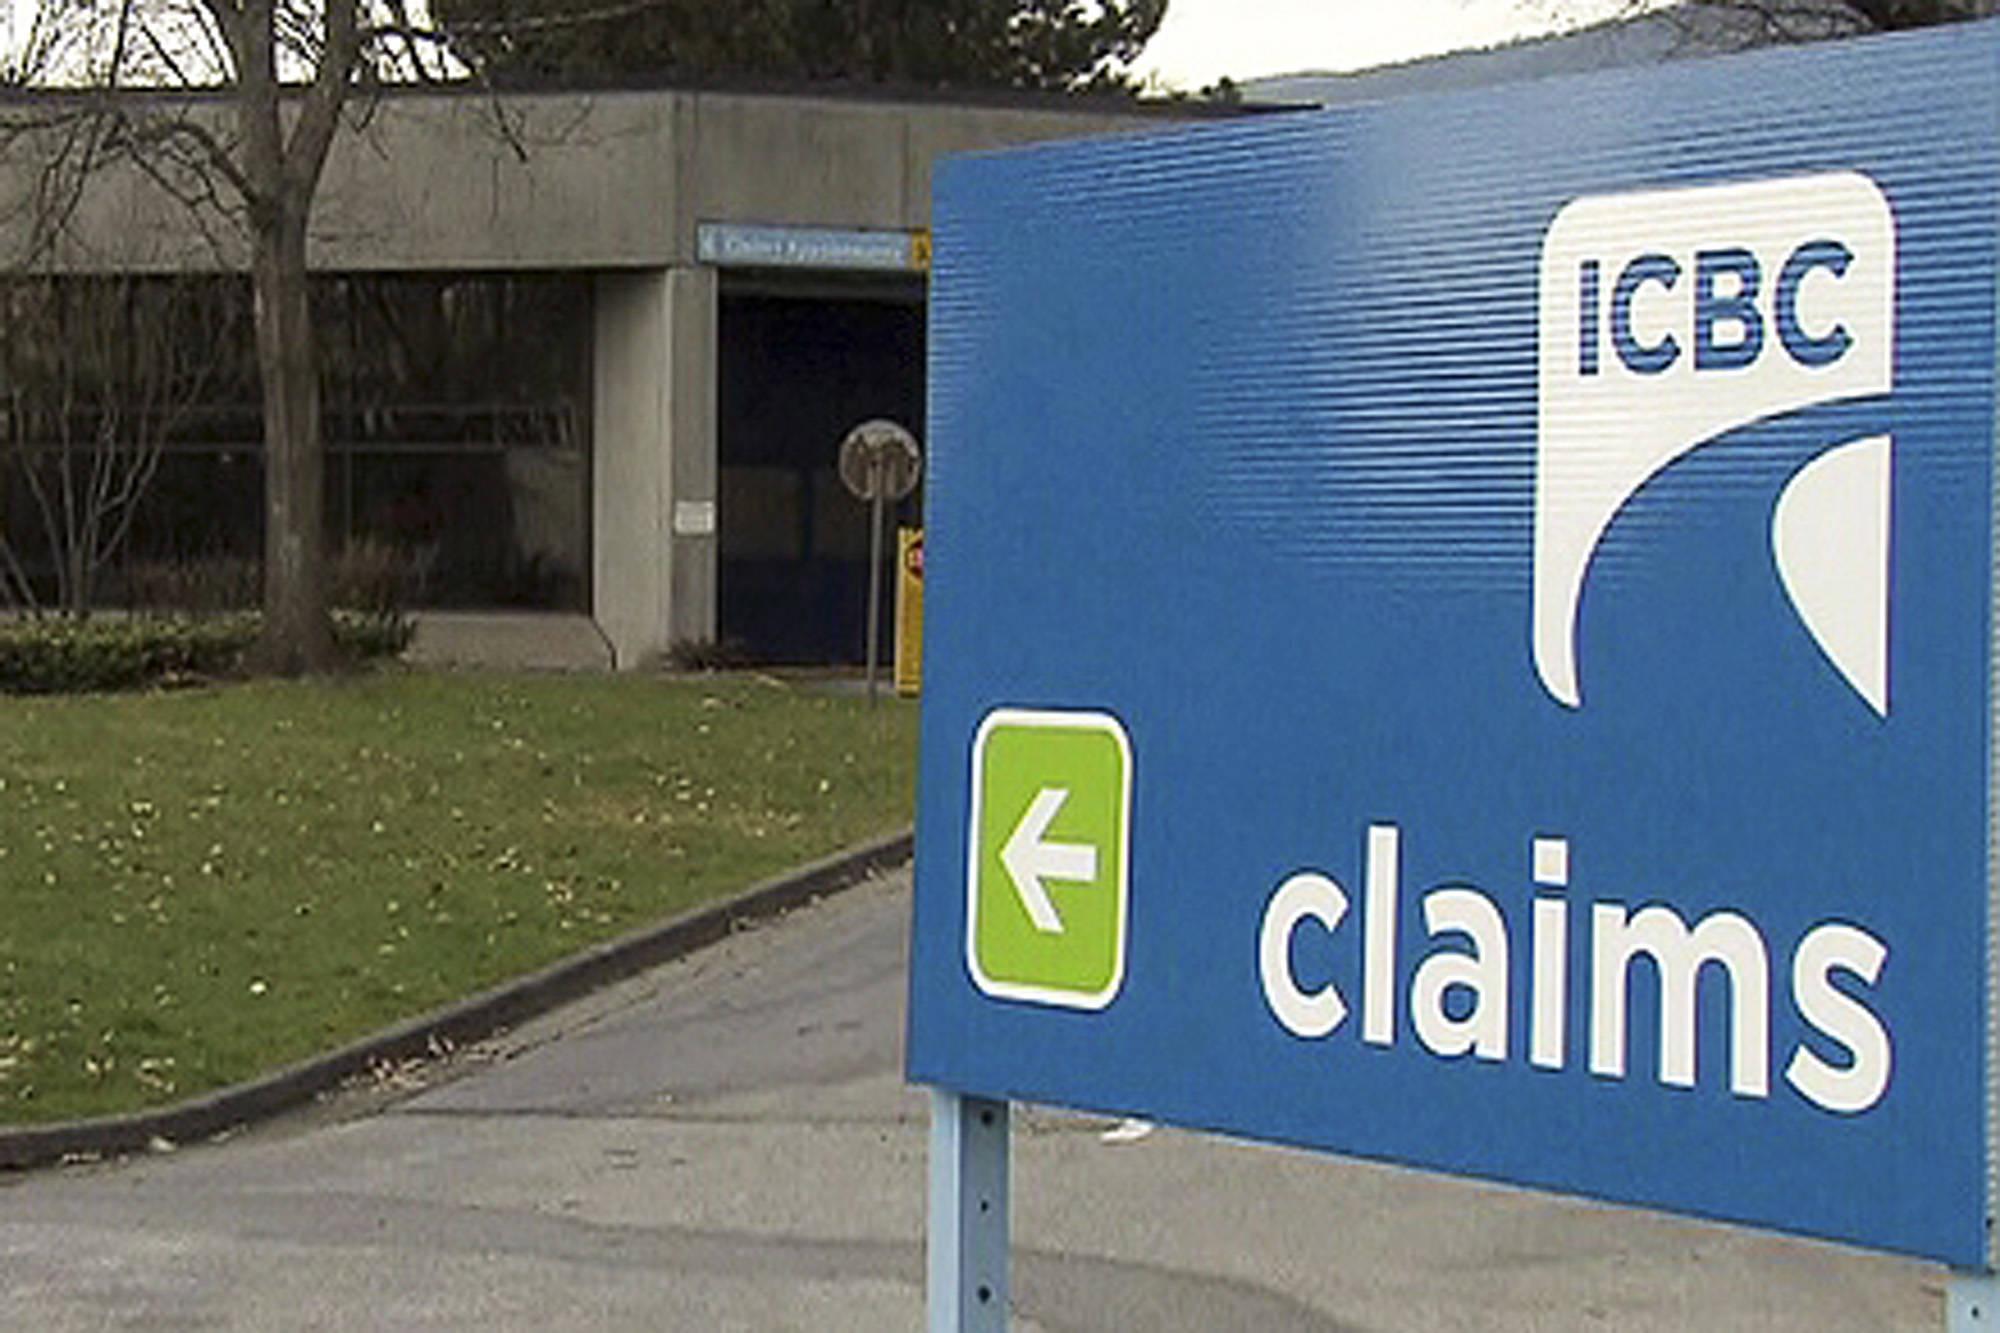 مالک بیزینس که با ادعای از کار افتادگی از مزایای ICBC استفاده کرده بود ،بخاطر دروغگویی 9600 دلار بدهکار شد